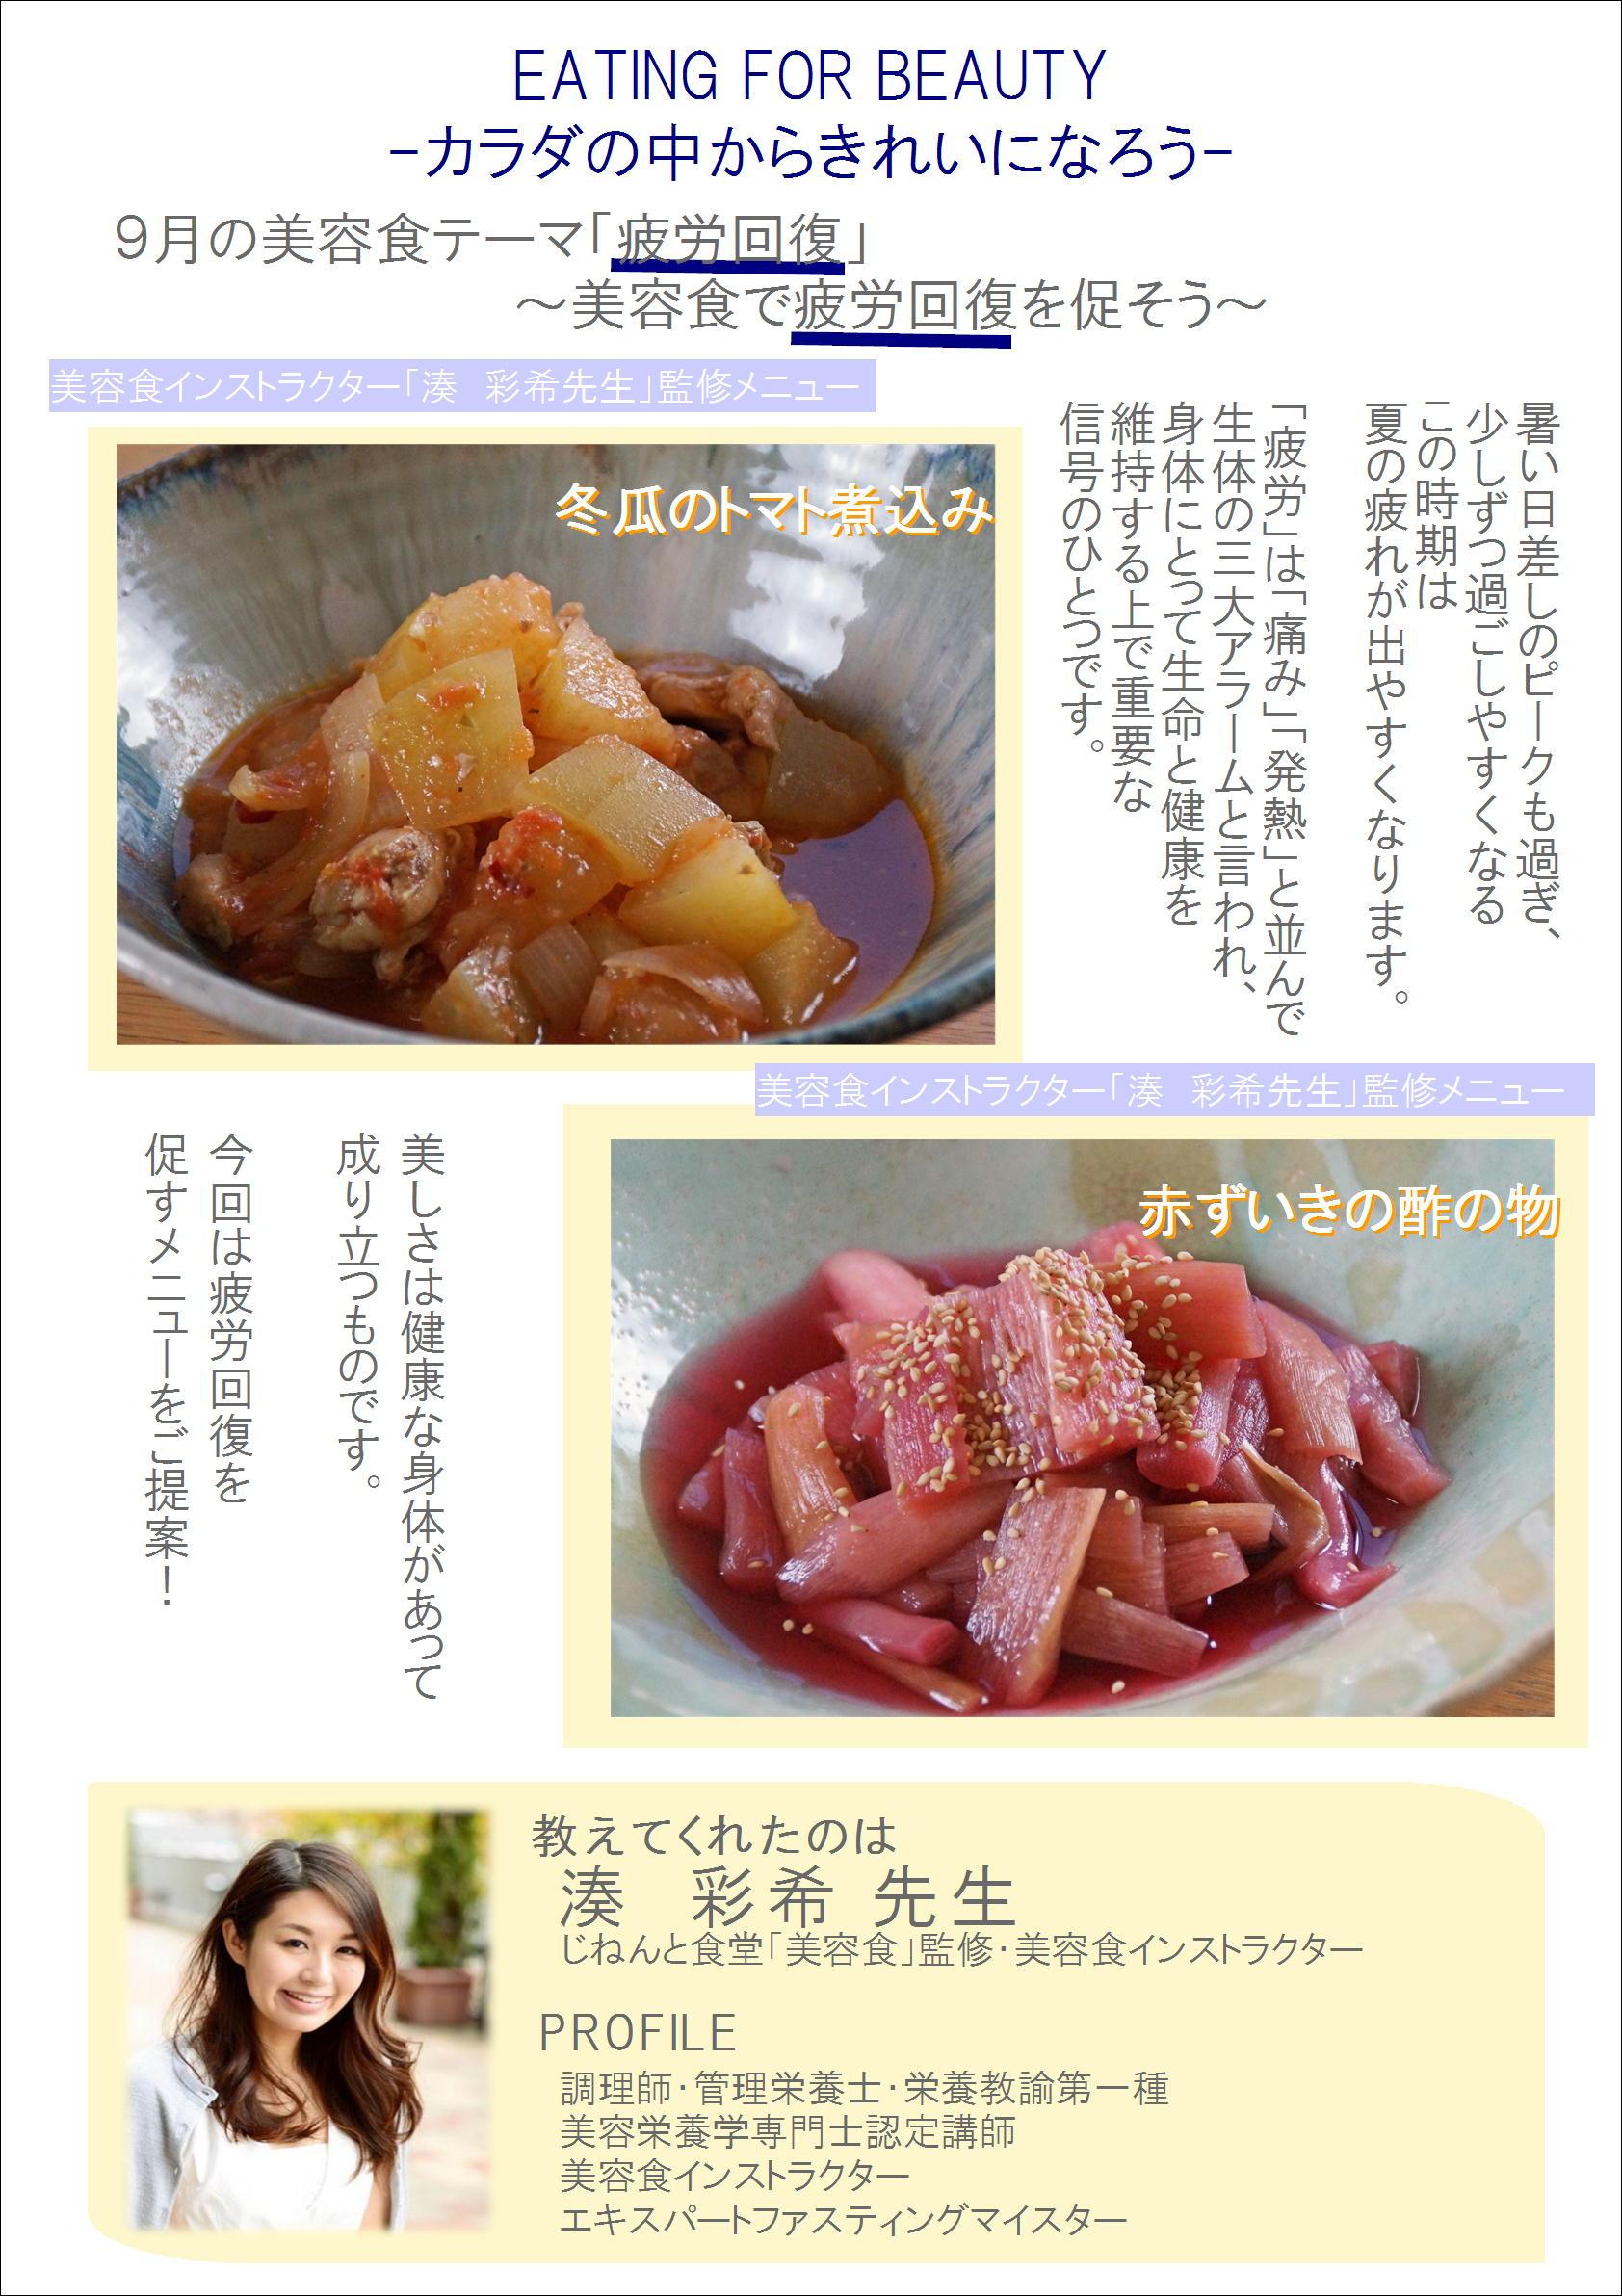 9月の美容食メニュー